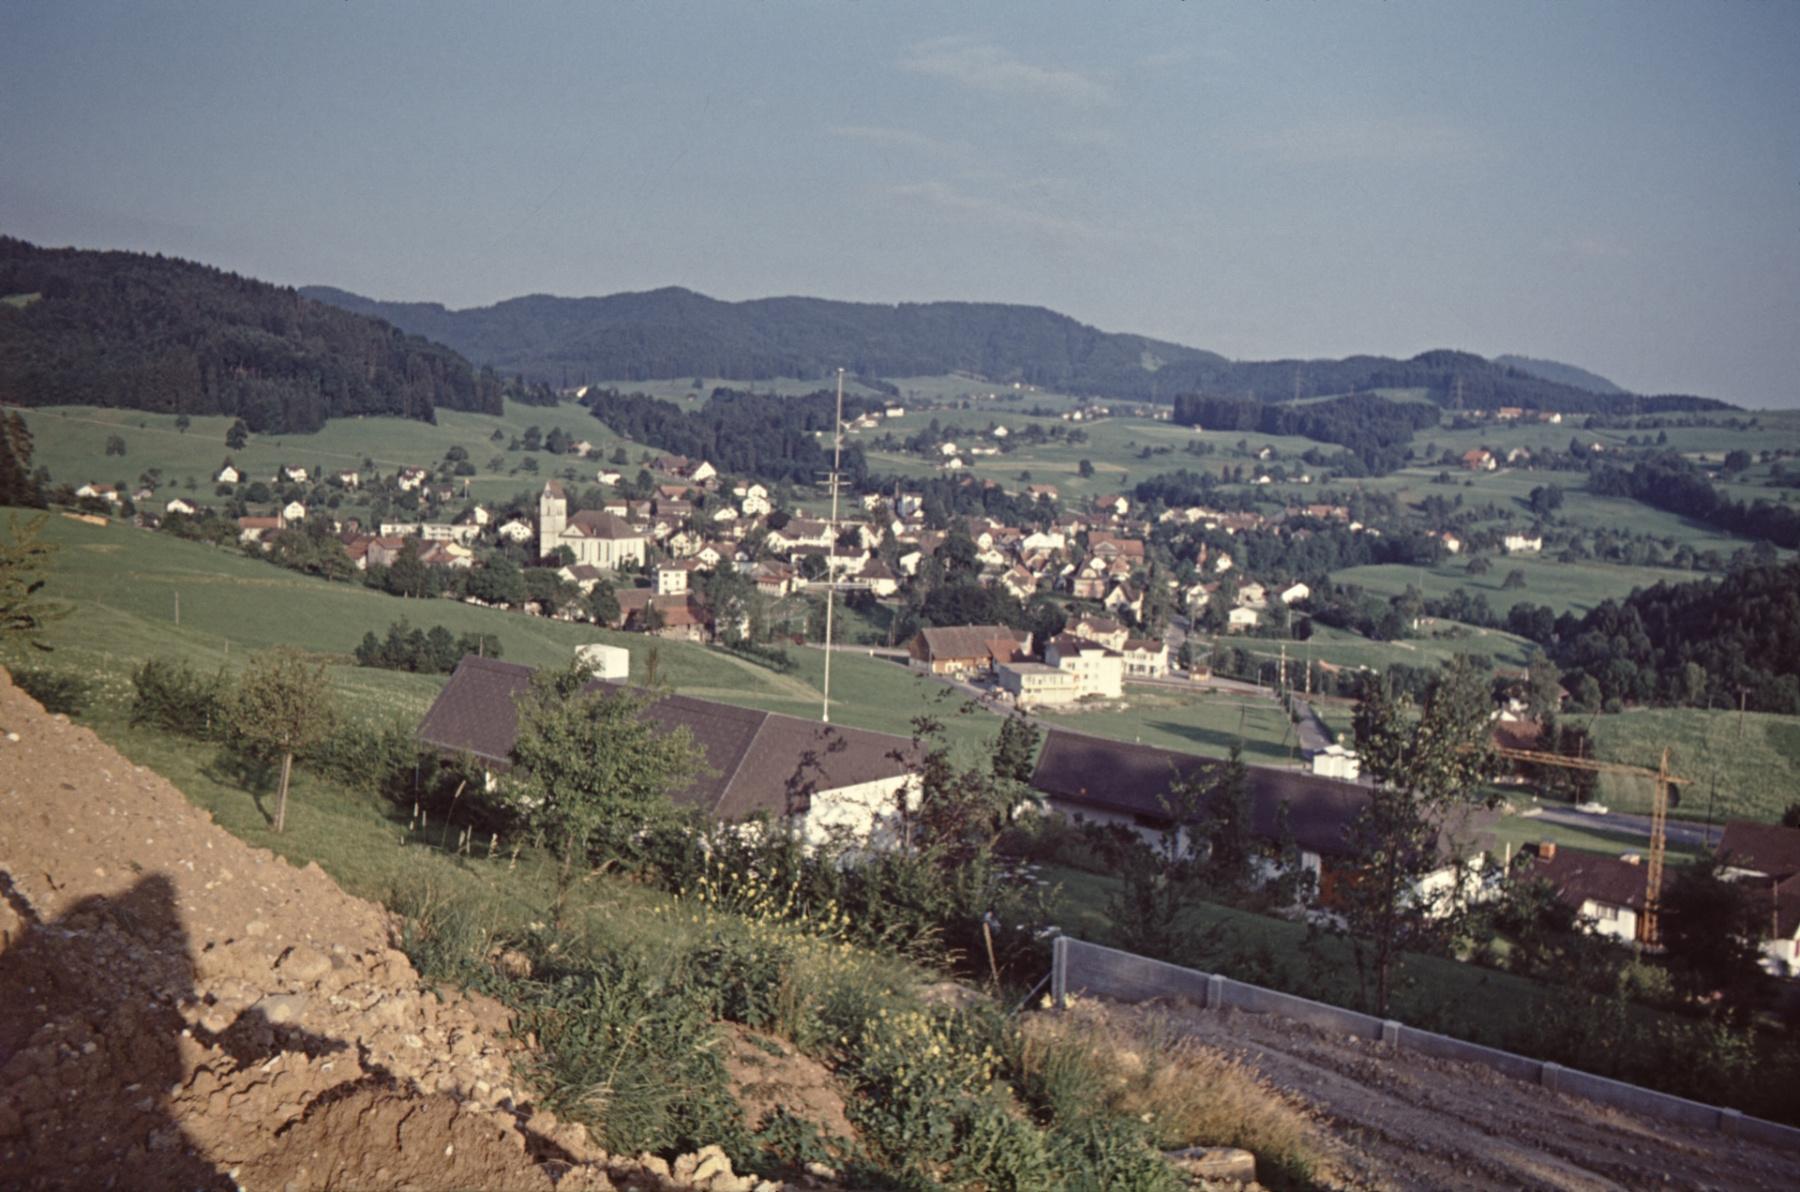 Ende der Rigistr, Blick auf's Dorf